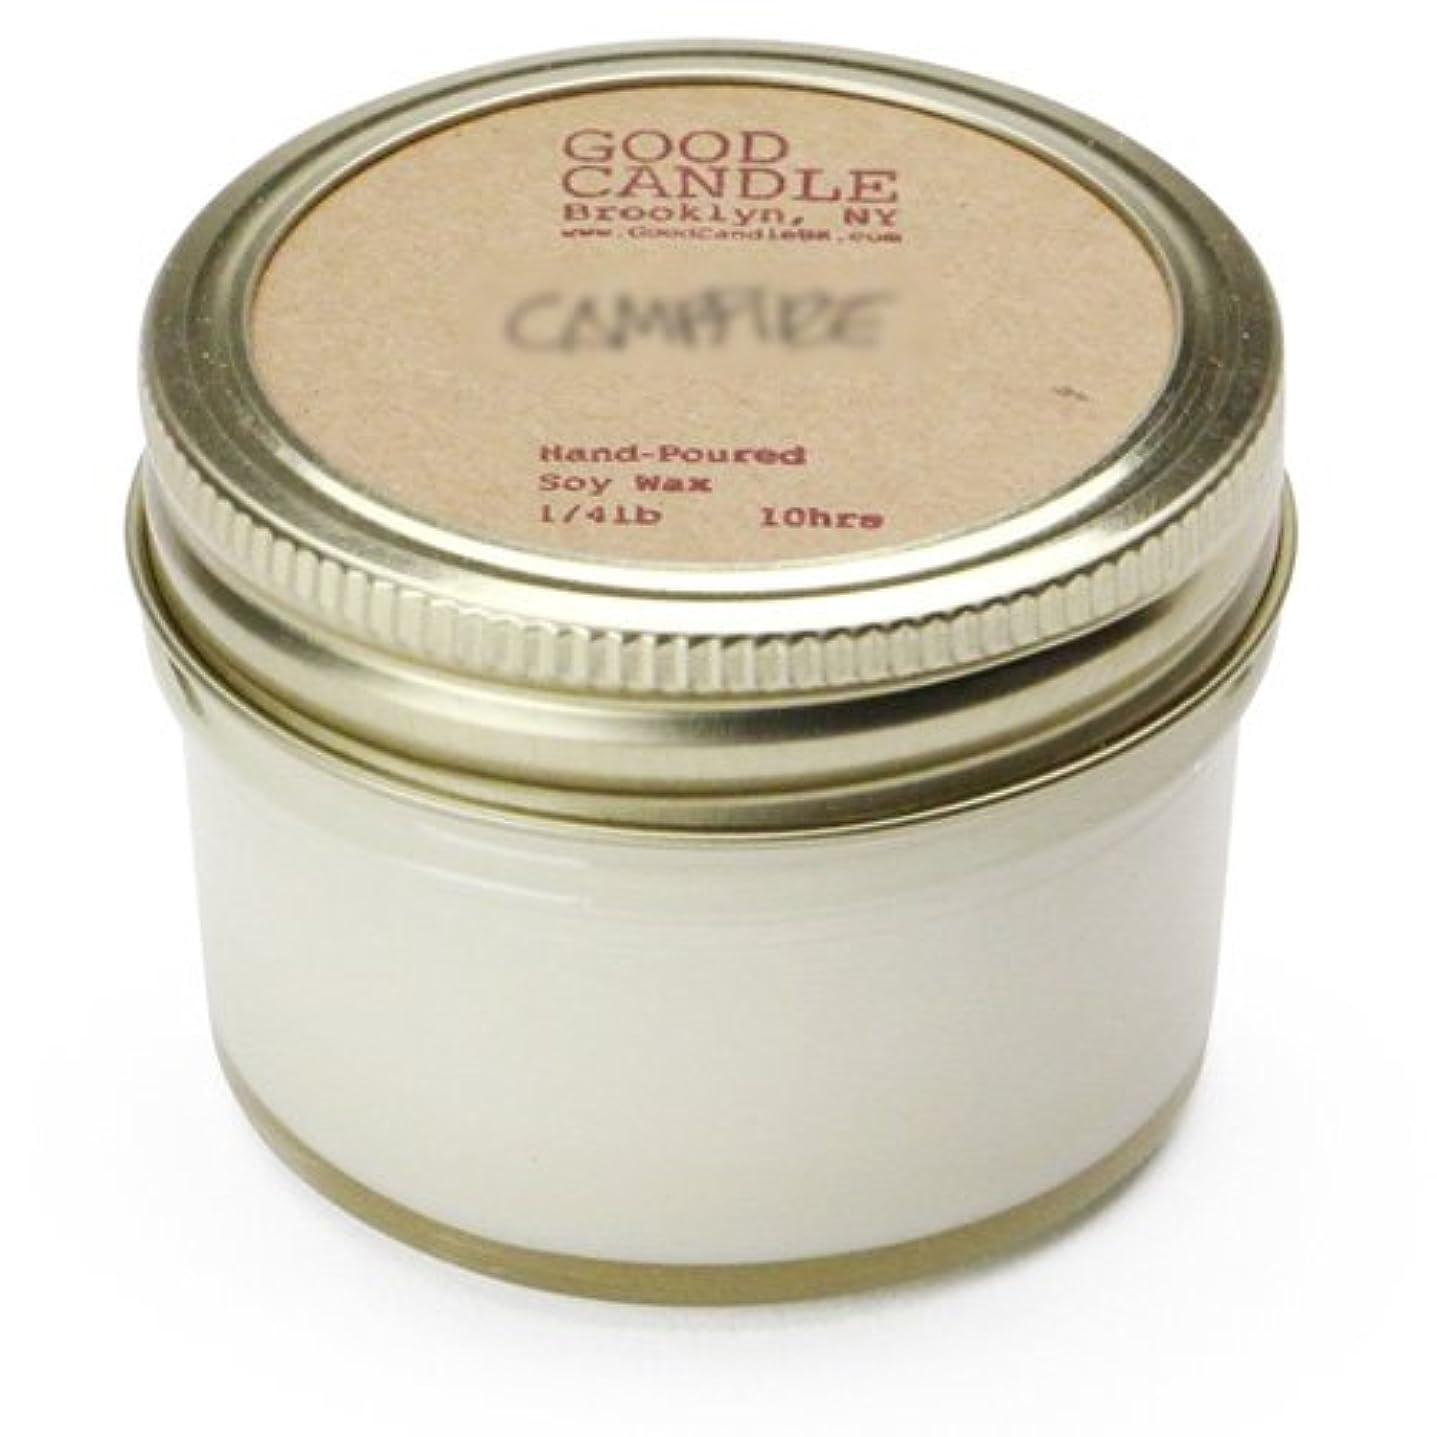 落ち着いた横に甘いグッドキャンドル 1/4ポンド ゼリージャー キャンドル Good Candle 1/4LB Jelly jar candle [ Camp fire ] 正規品